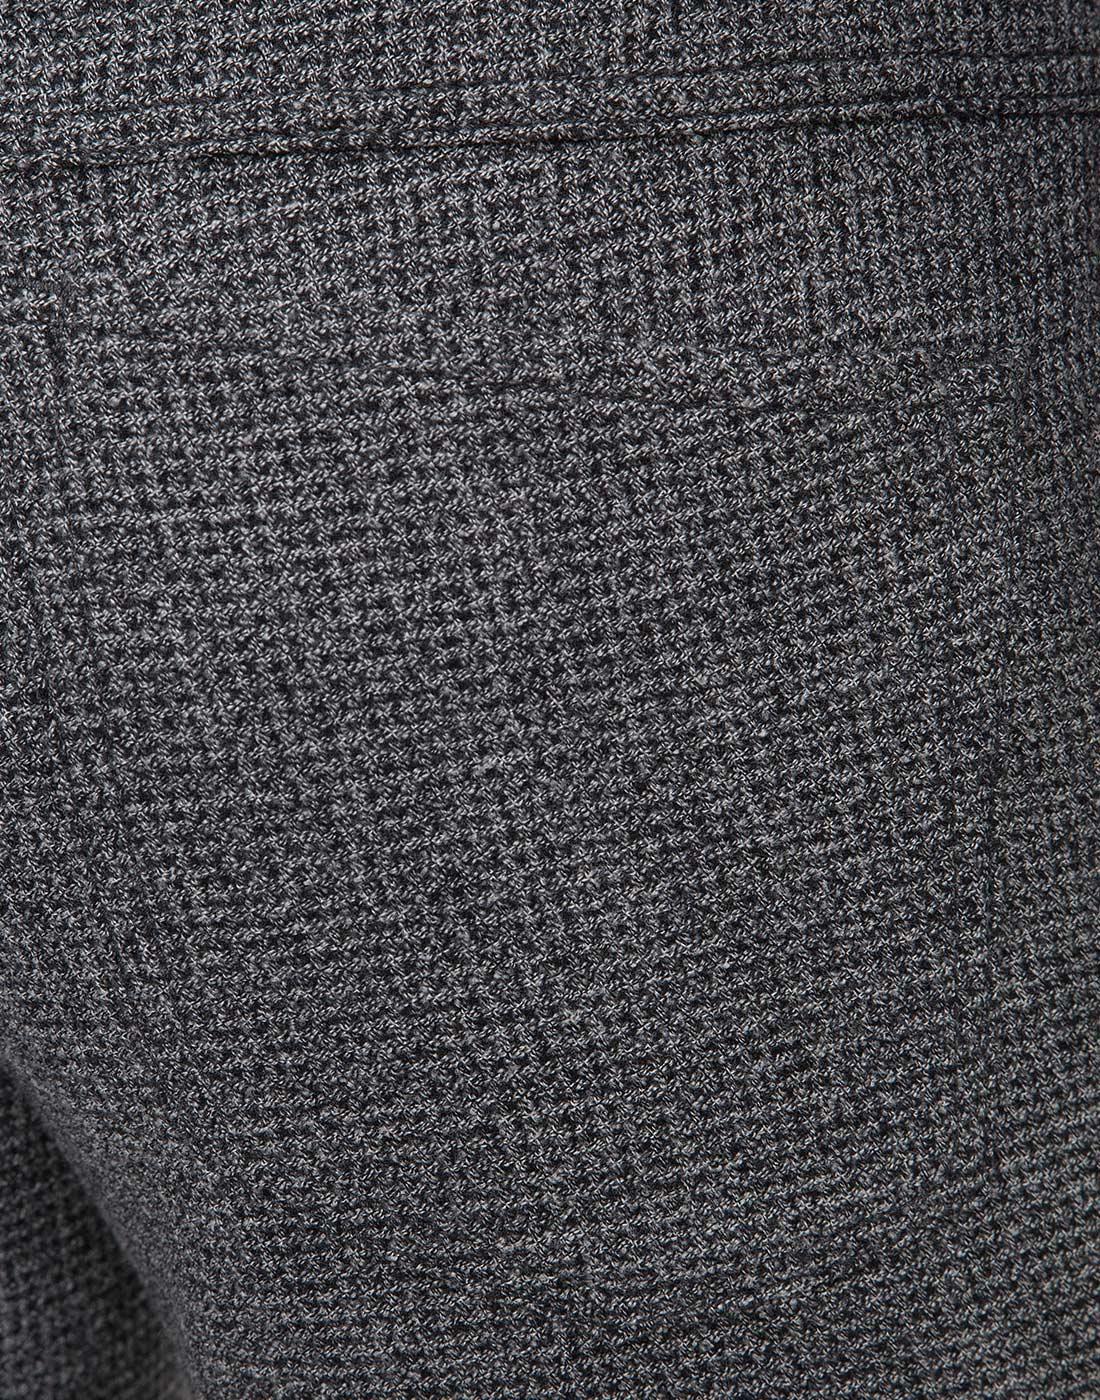 Мужские серые шерстяные брюки Hiltl  S12446 16 33580-6